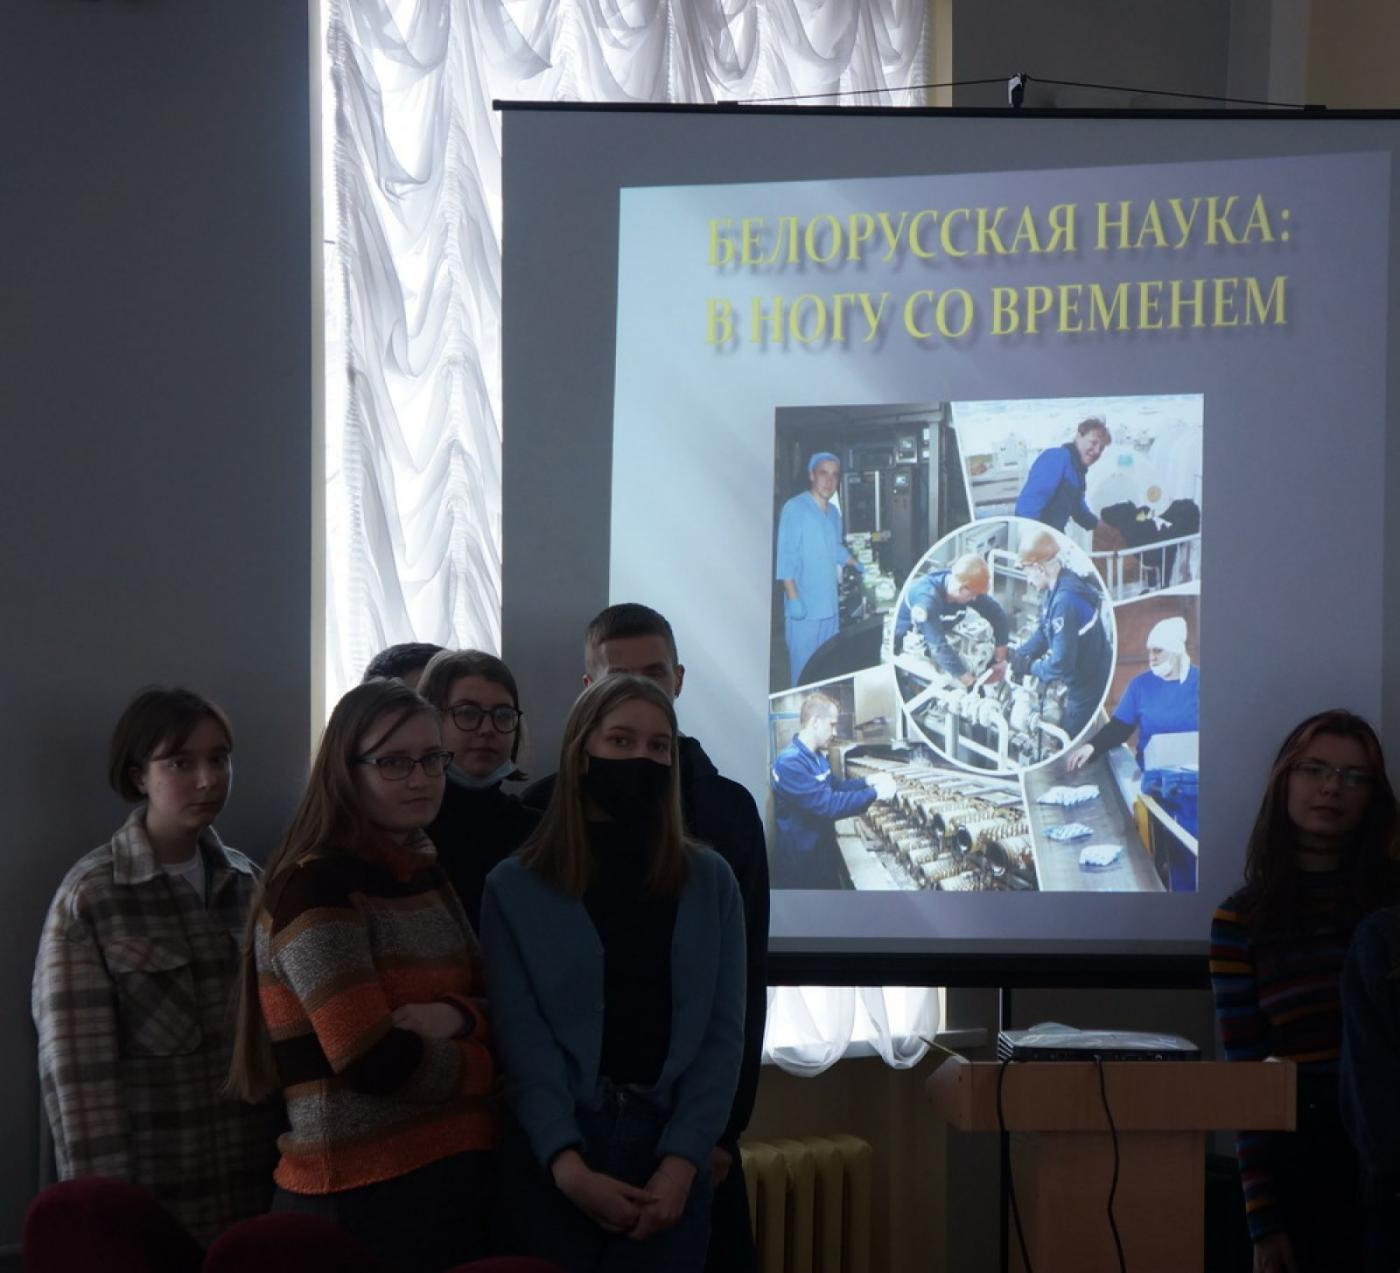 Белорусская наука: в ногу со временем